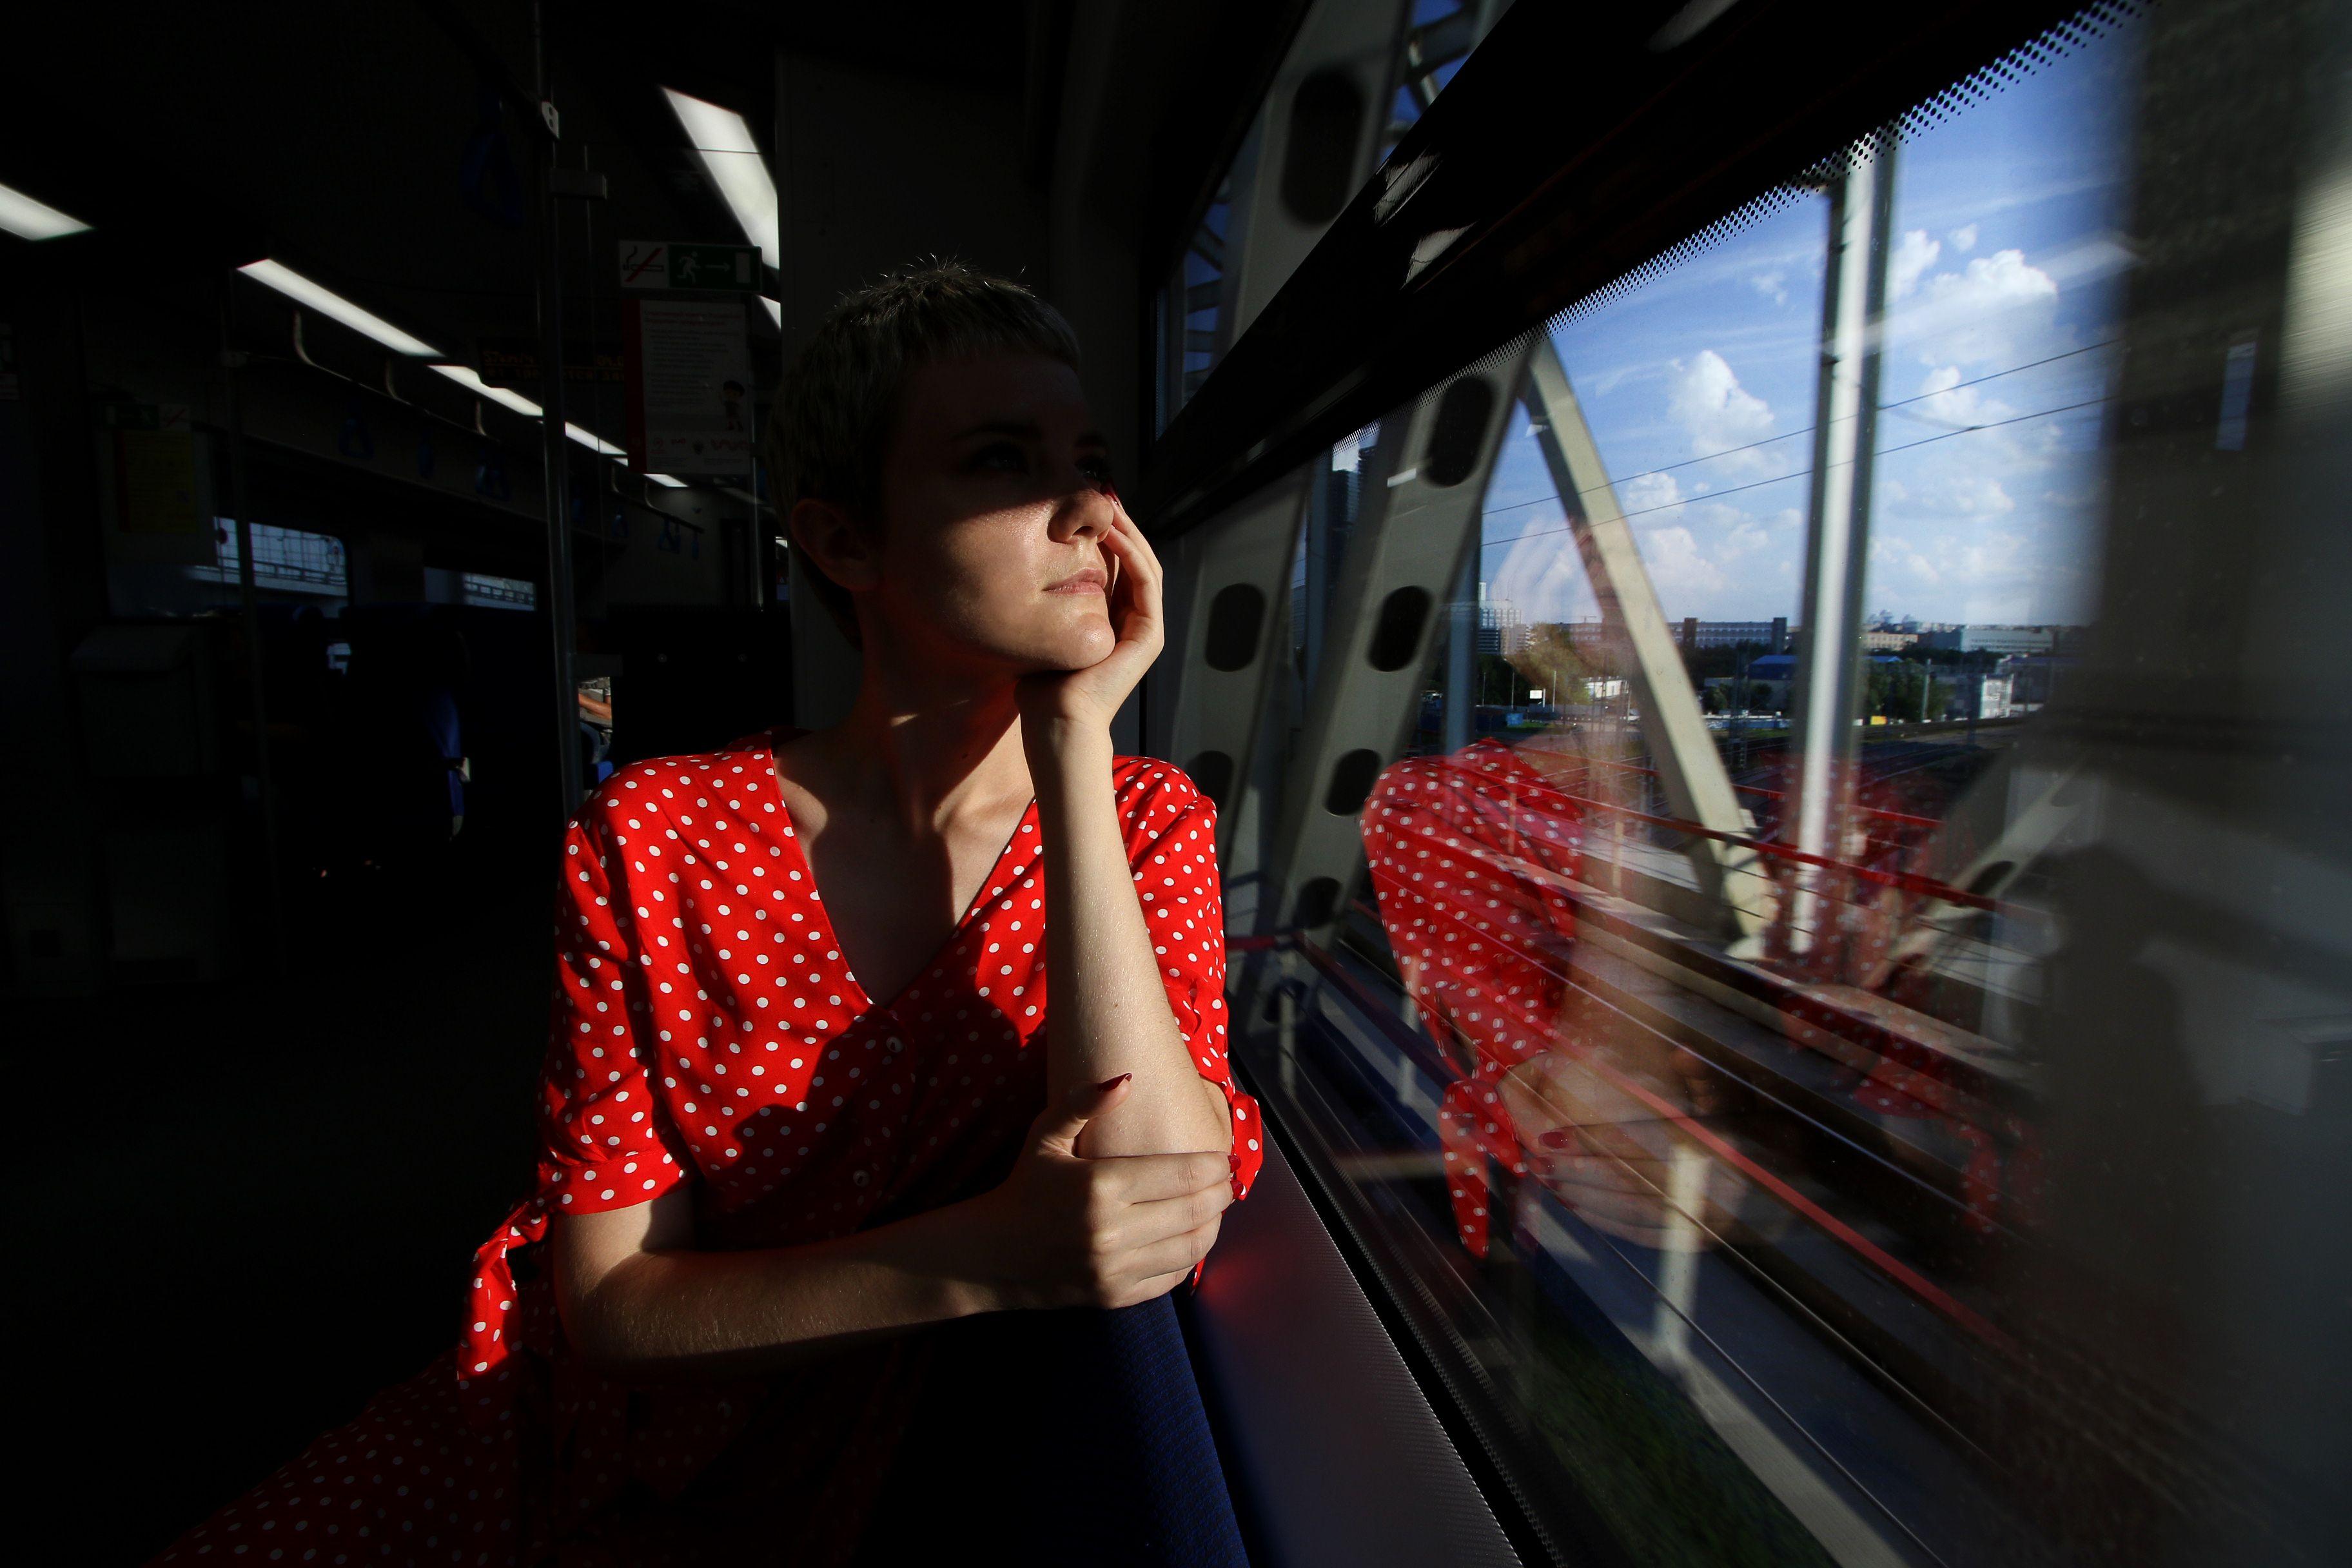 Поезда на МЦК перевезли более 58 миллионов пассажиров за пять месяцев.Фото: Екатерина Якель, «ВечерняяМосква»